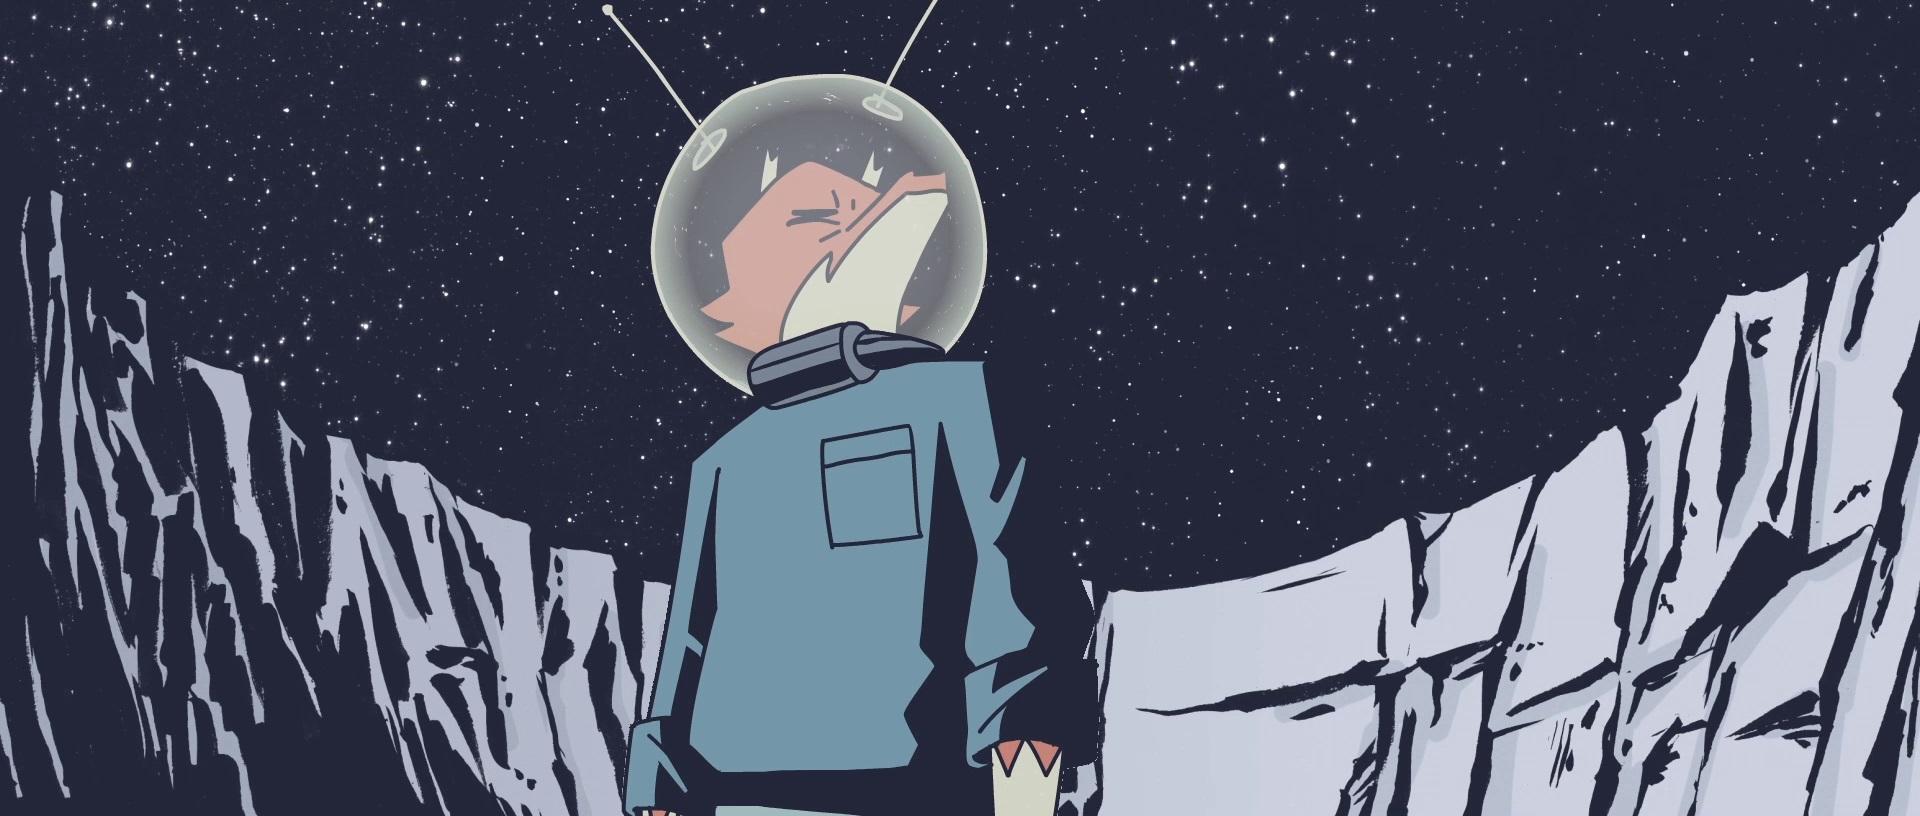 felvideki_miklos_fly_me_to_the_moon_1.jpg